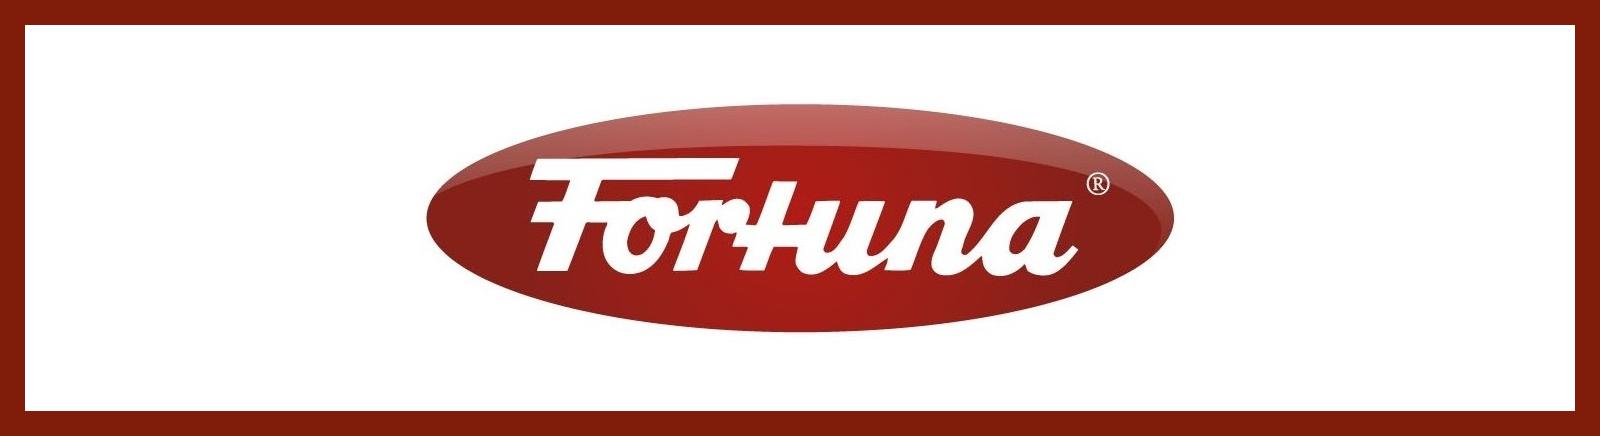 Fortuna Markenschuhe online entdecken im Juppen Schuhe Shop